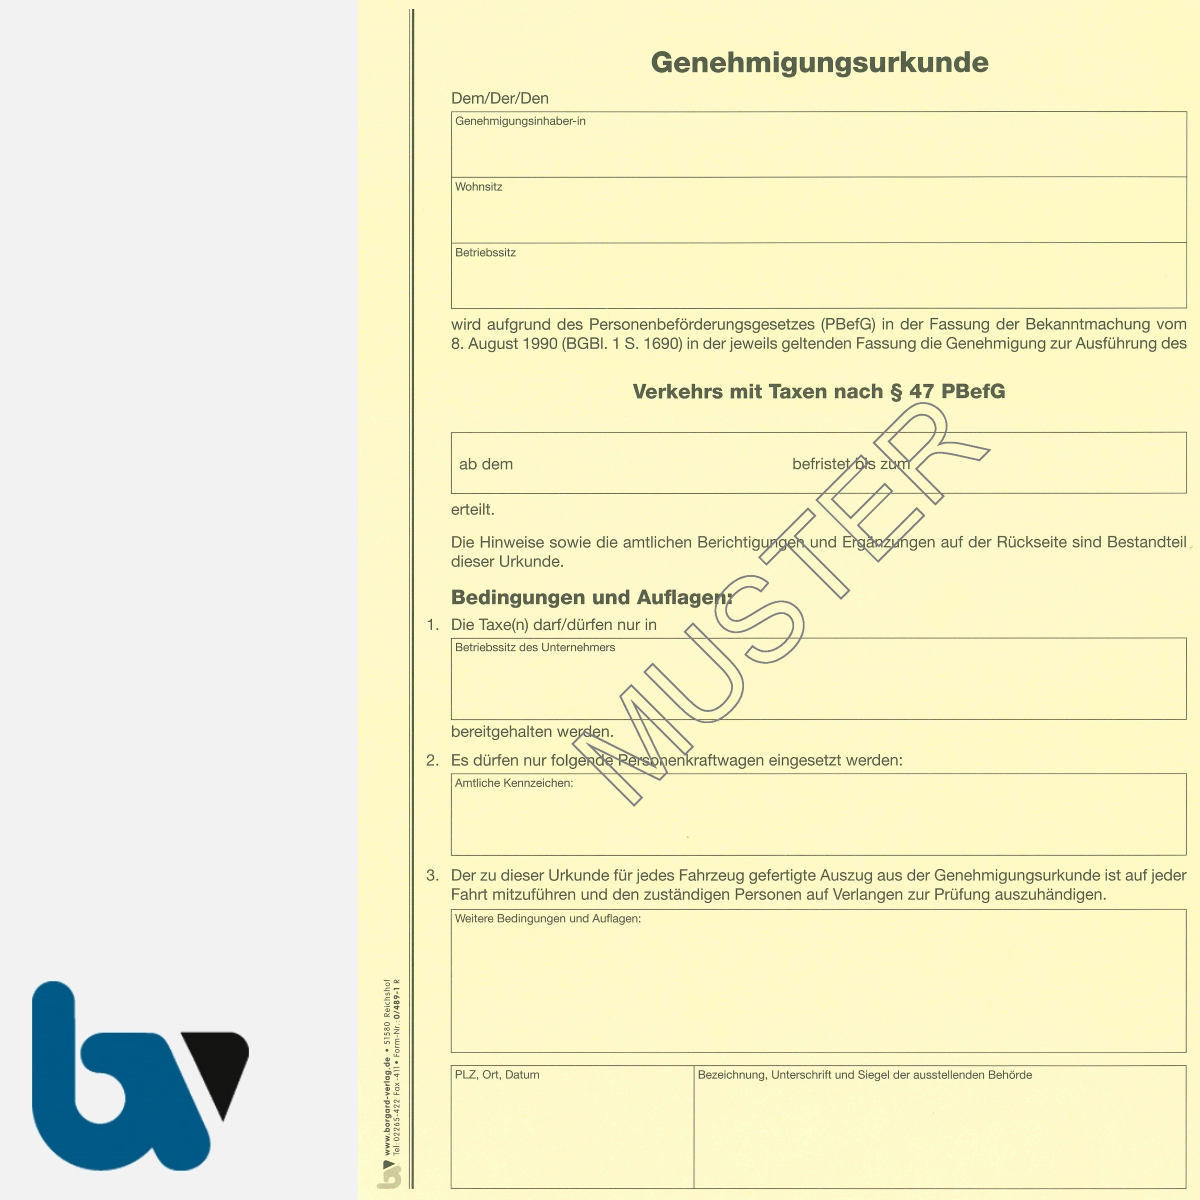 0/489-1 Genehmigungsurkunde Personenbeförderung PBefG Verkehr Taxen 2-fach Karton gelb DIN A4 Seite 1 | Borgard Verlag GmbH